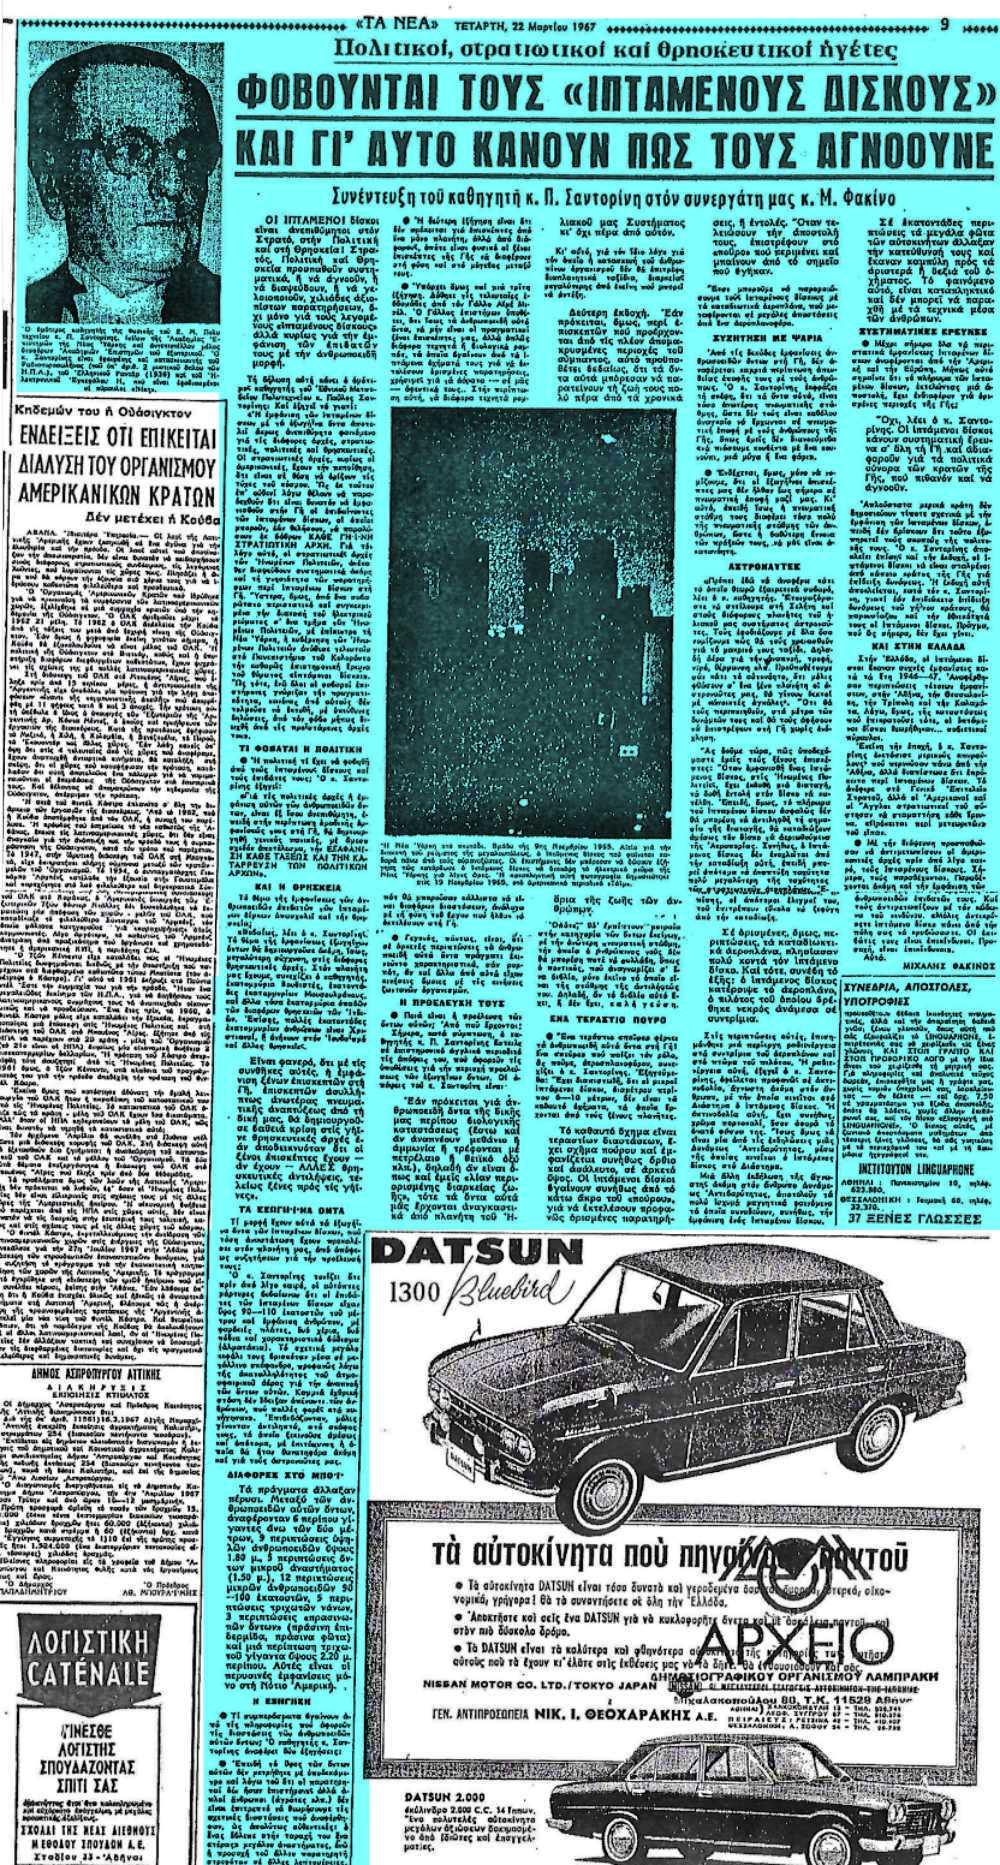 """Το άρθρο, όπως δημοσιεύθηκε στην εφημερίδα """"ΤΑ ΝΕΑ"""", στις 22/03/1967"""